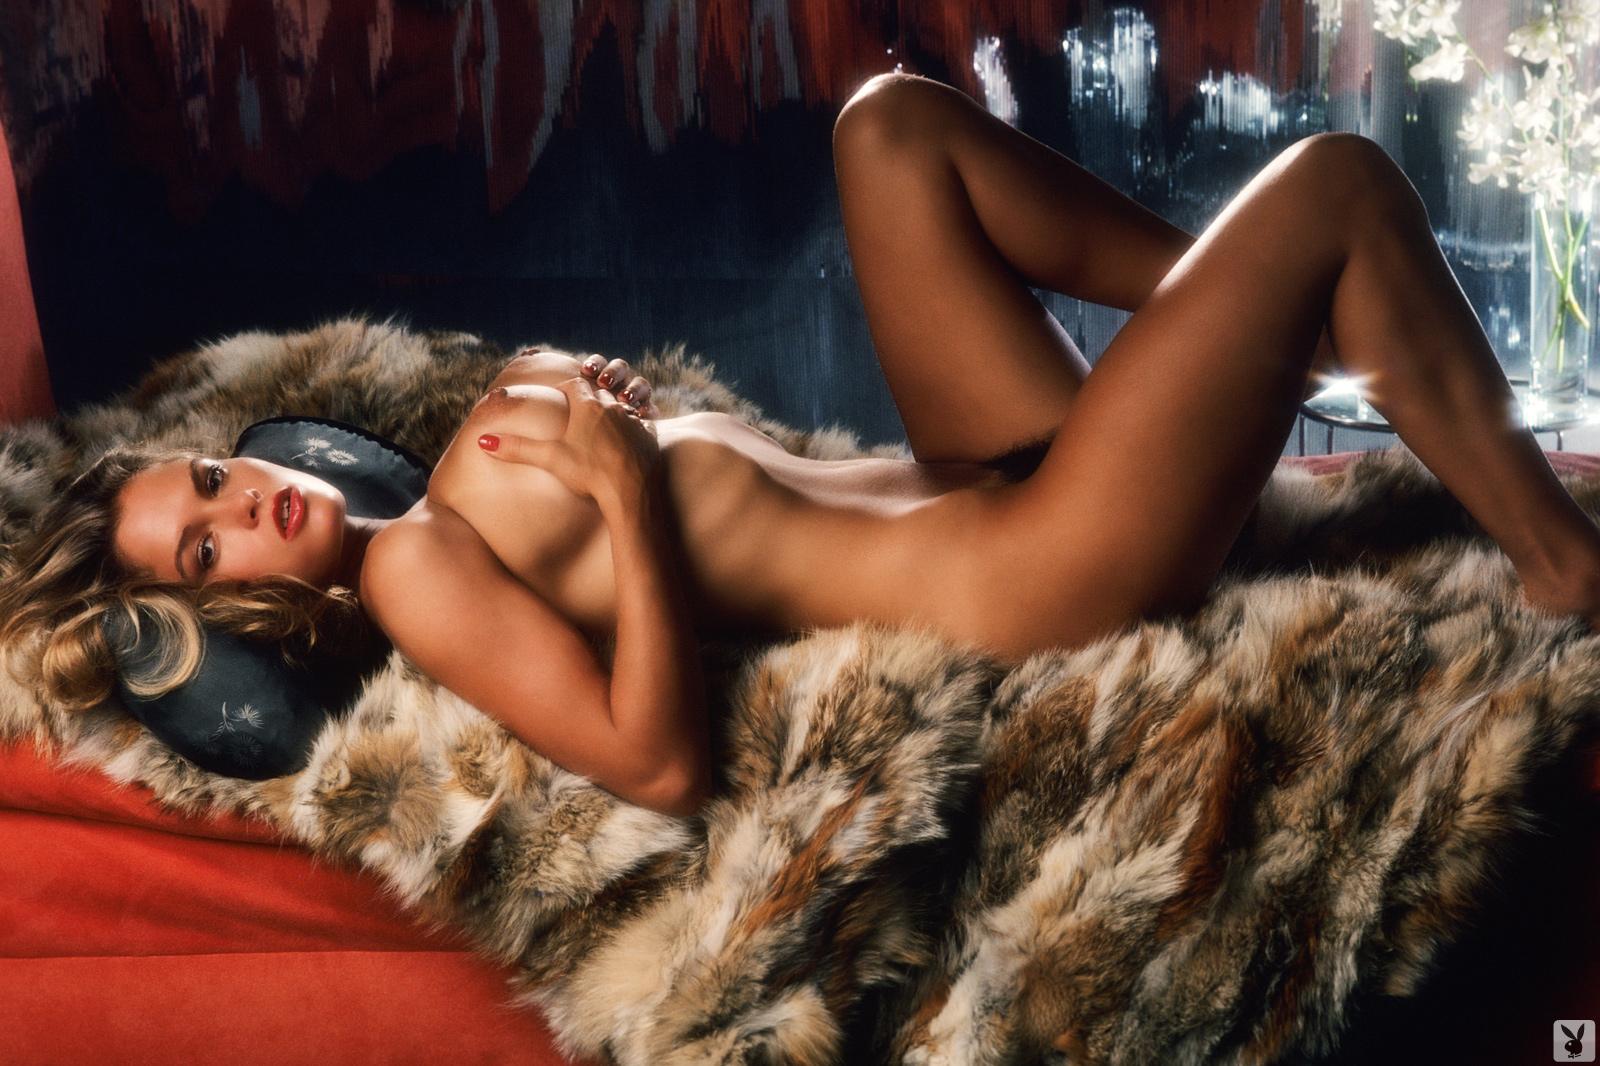 porno-erotika-iz-zhurnalov-foto